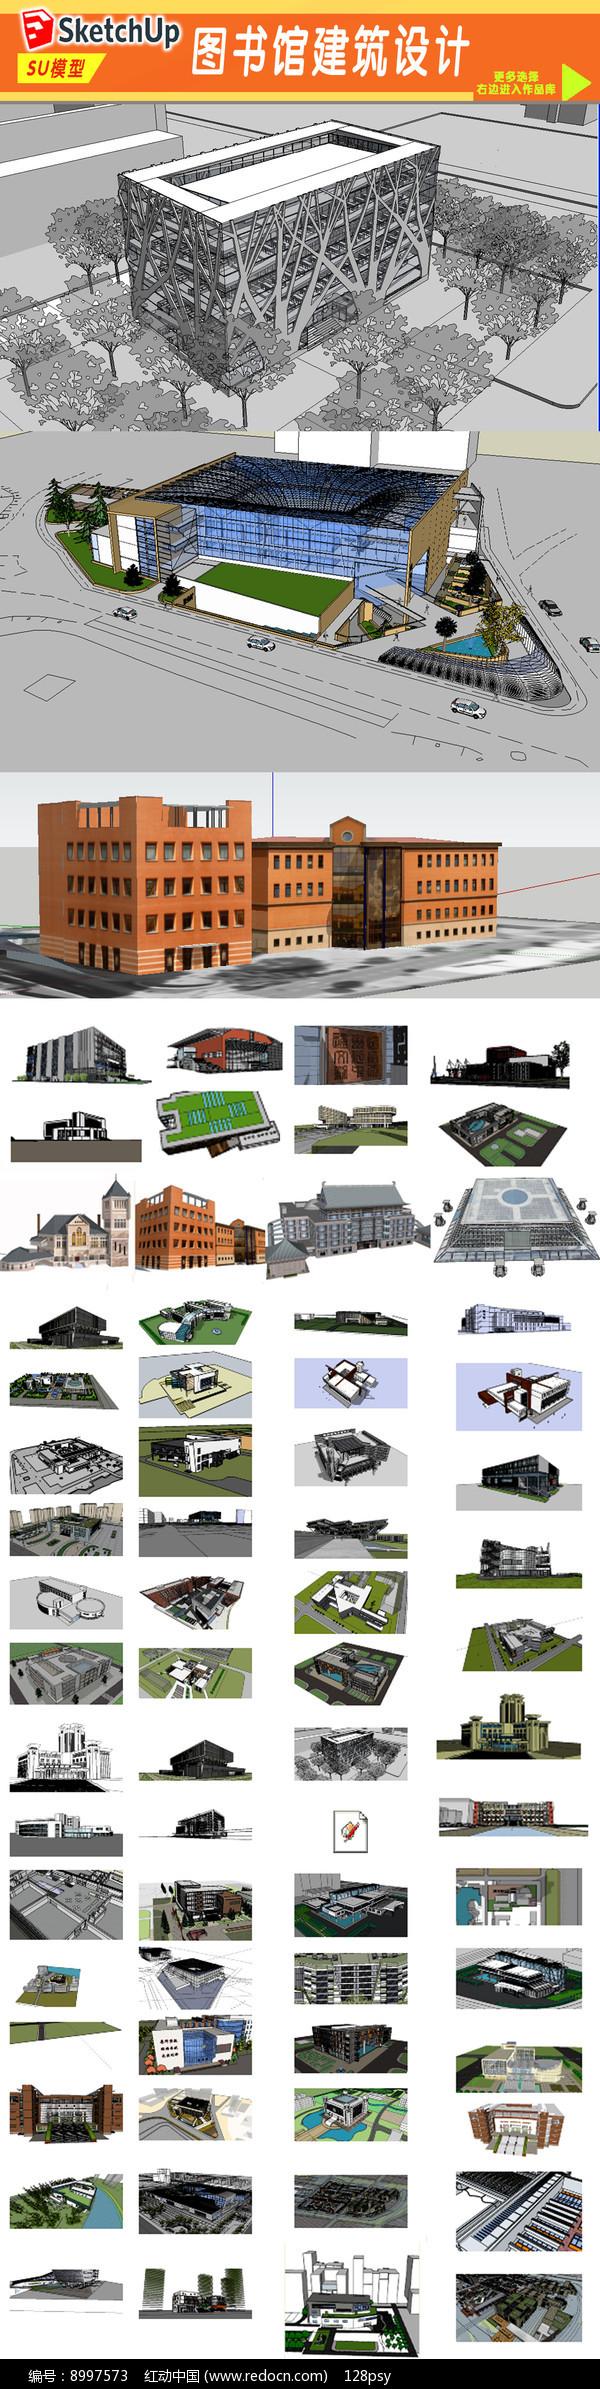 3D图书馆建筑设计图片